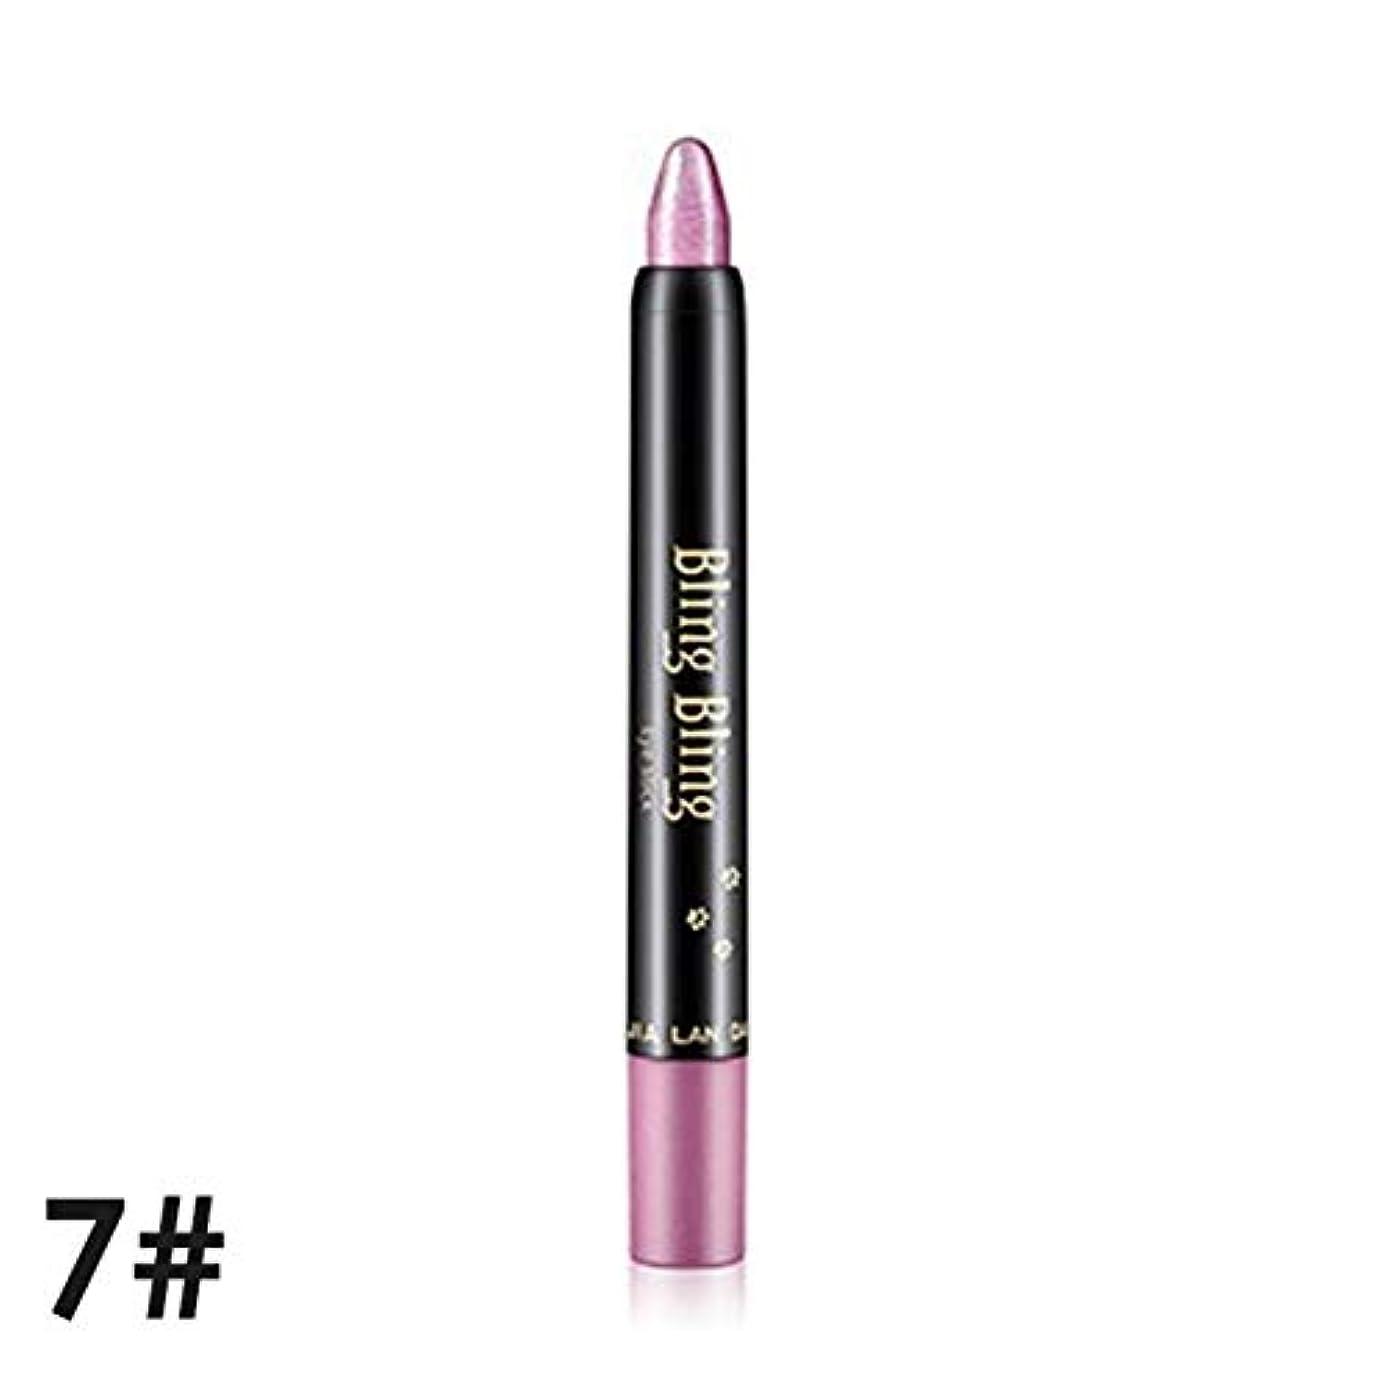 前述のアート誘う健康と美容アイシャドウ 3 PCSプロフェッショナルビューティ蛍光ペンアイシャドウペンシル 化粧 (色 : 7 Rose powder)